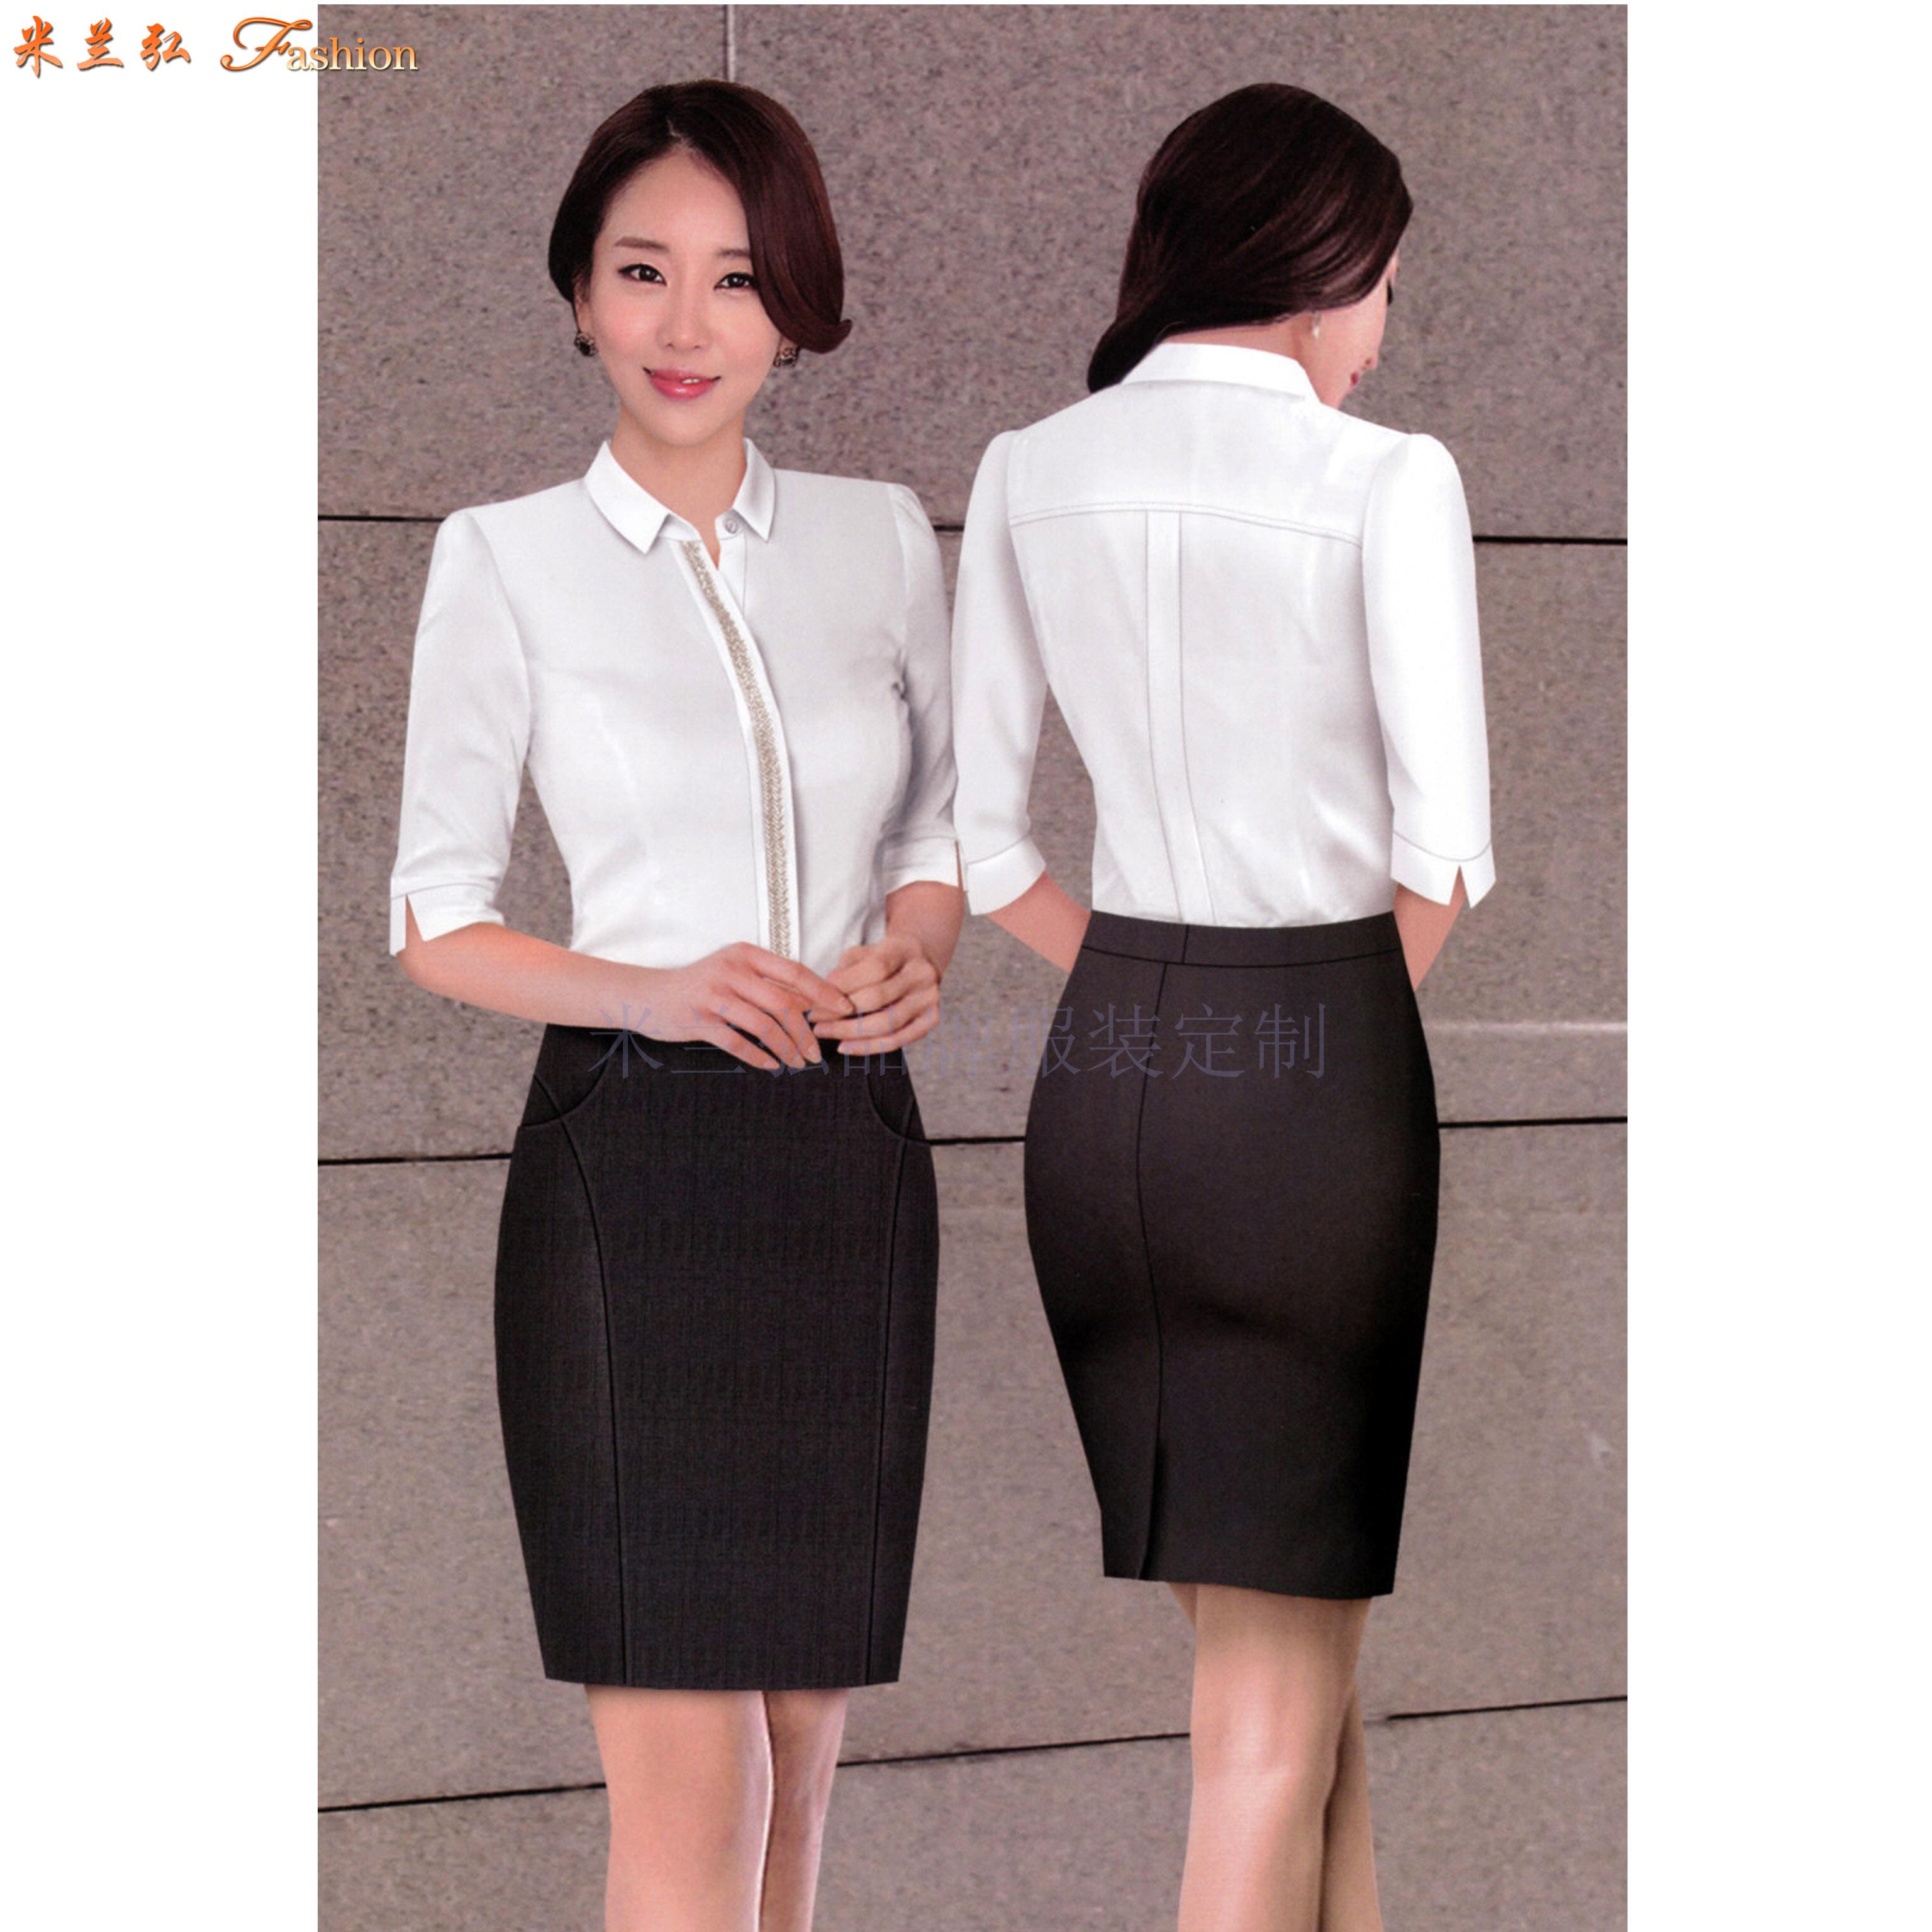 「衬衫」北京量体定制订做免熨商务衬衫的专业厂家-米兰弘服装-1